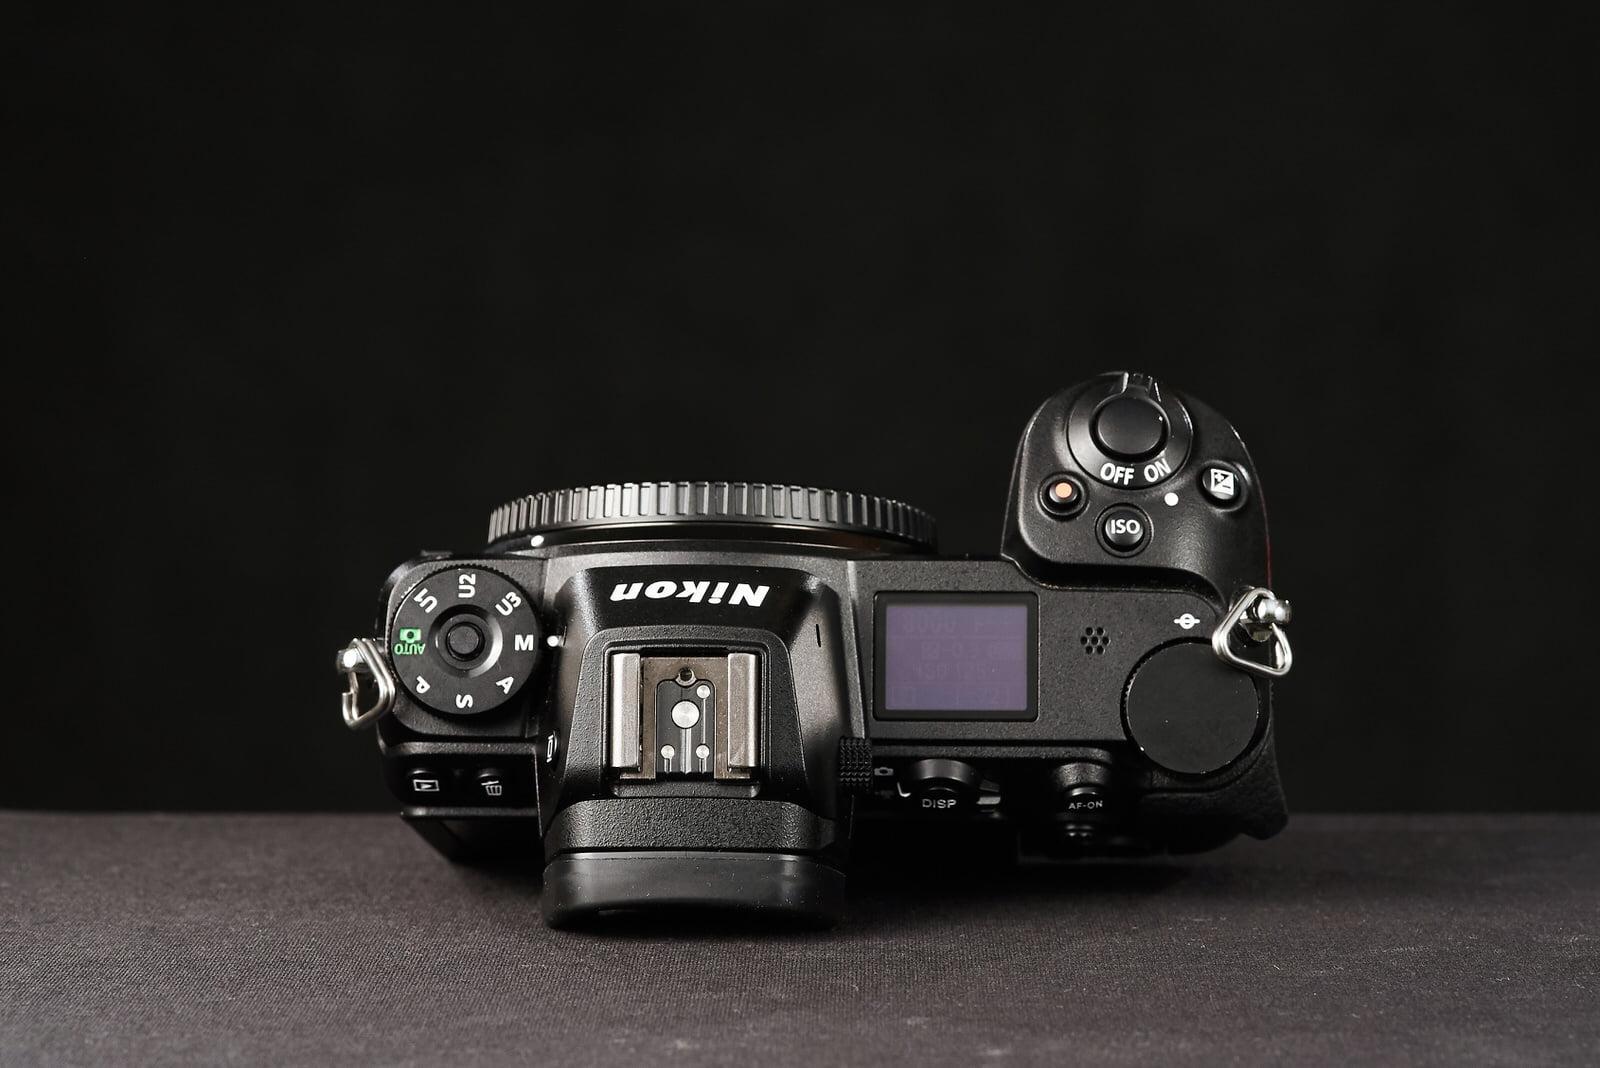 Recenzja Nikon Z6 w fotografii ślubnej | Porównanie do Nikona D750 4